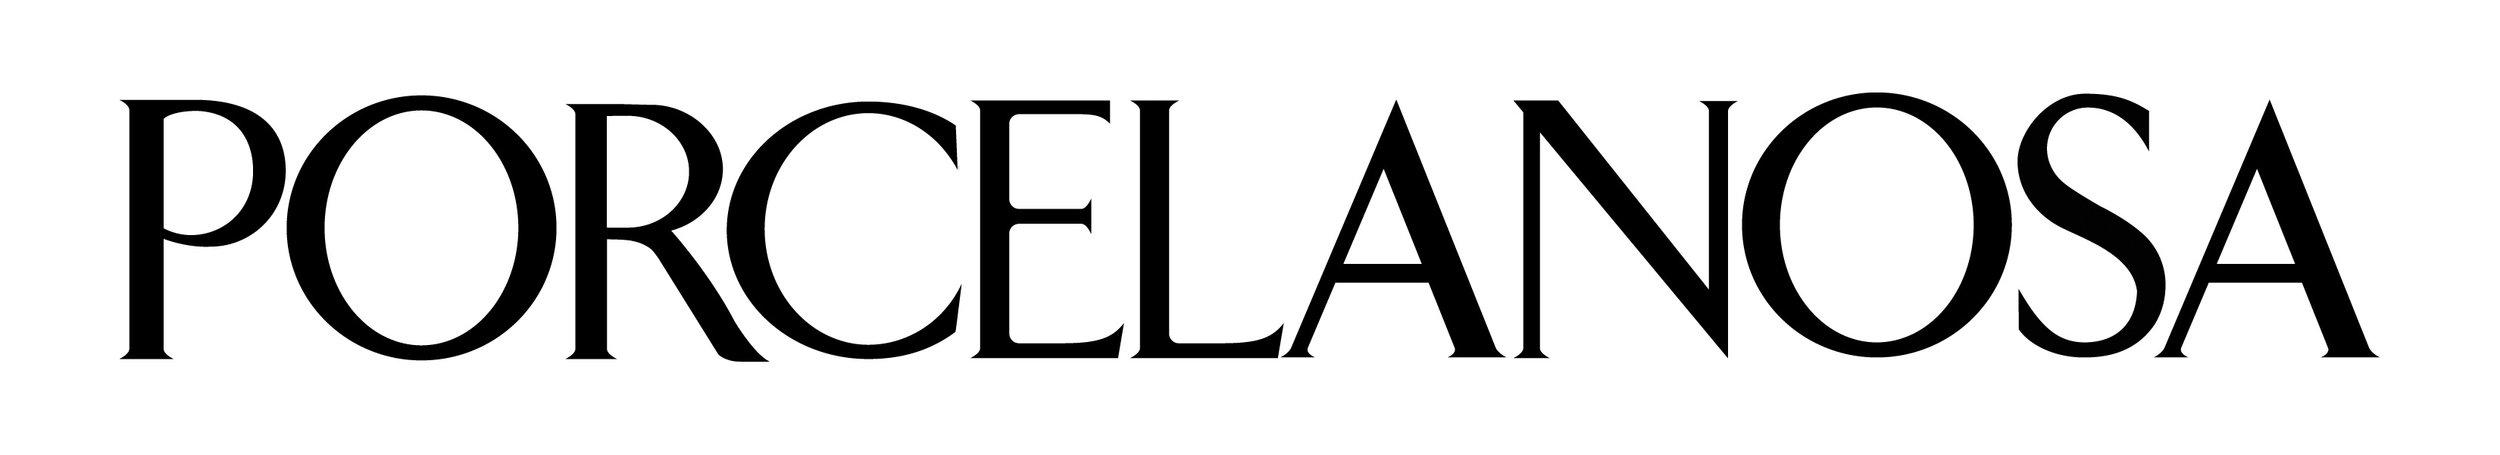 pocelanosa-logo.jpg